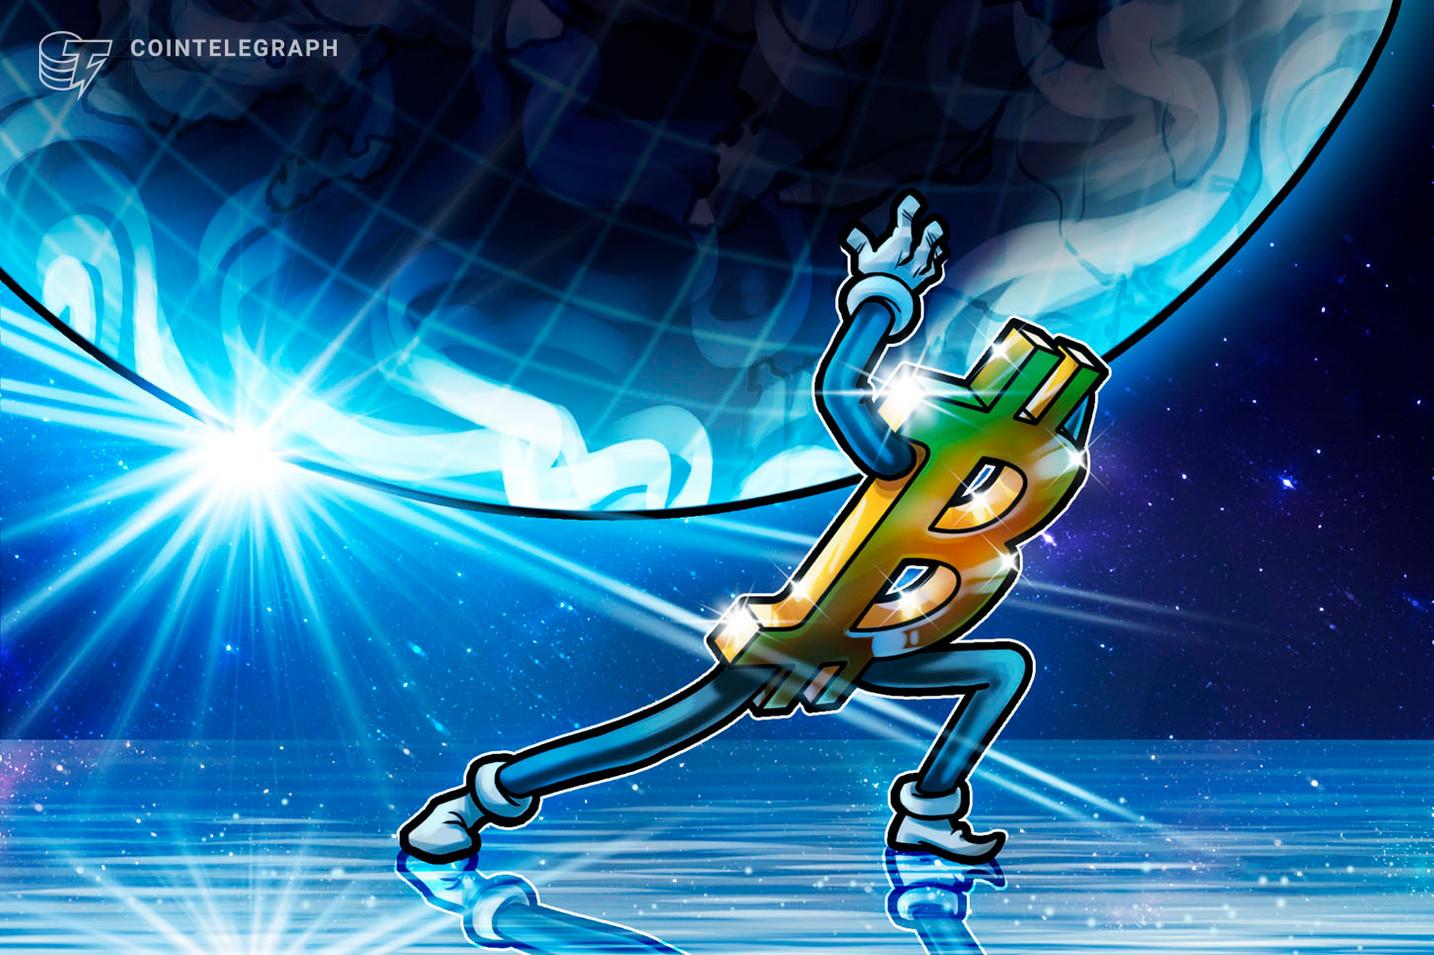 Bitcoin torna-se popular, pois as instituições detêm 3% do fornecimento de circulação do BTC